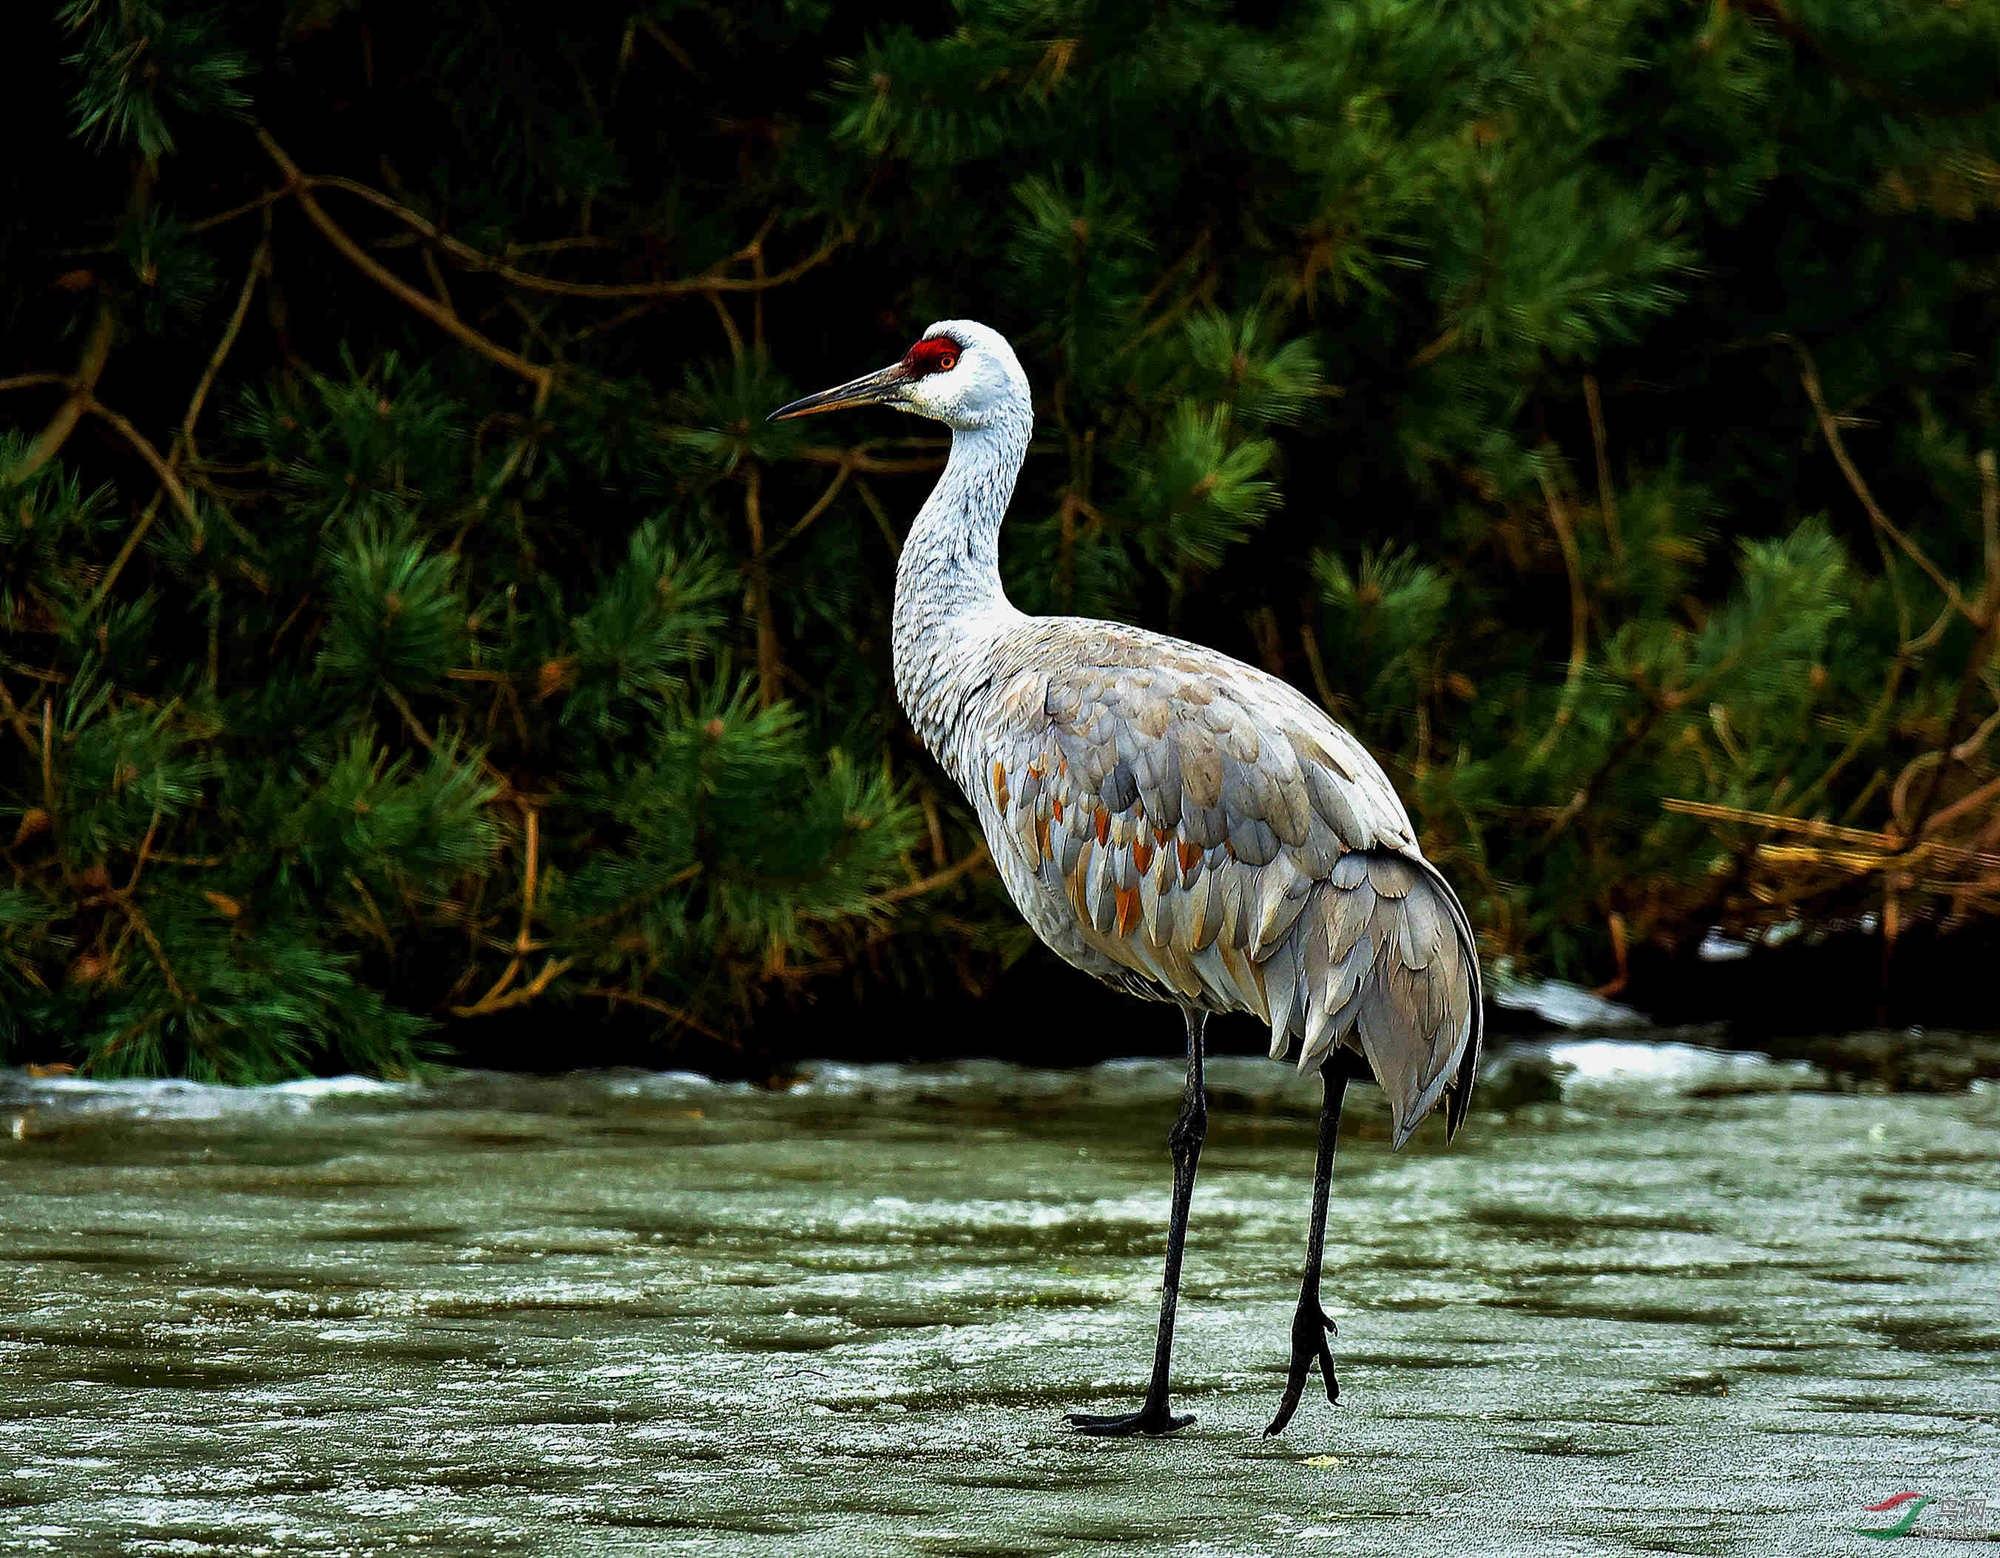 沙丘鹤,美洲灰鹤,美洲白鹤.温哥华冬季能见到的只有沙丘鹤.